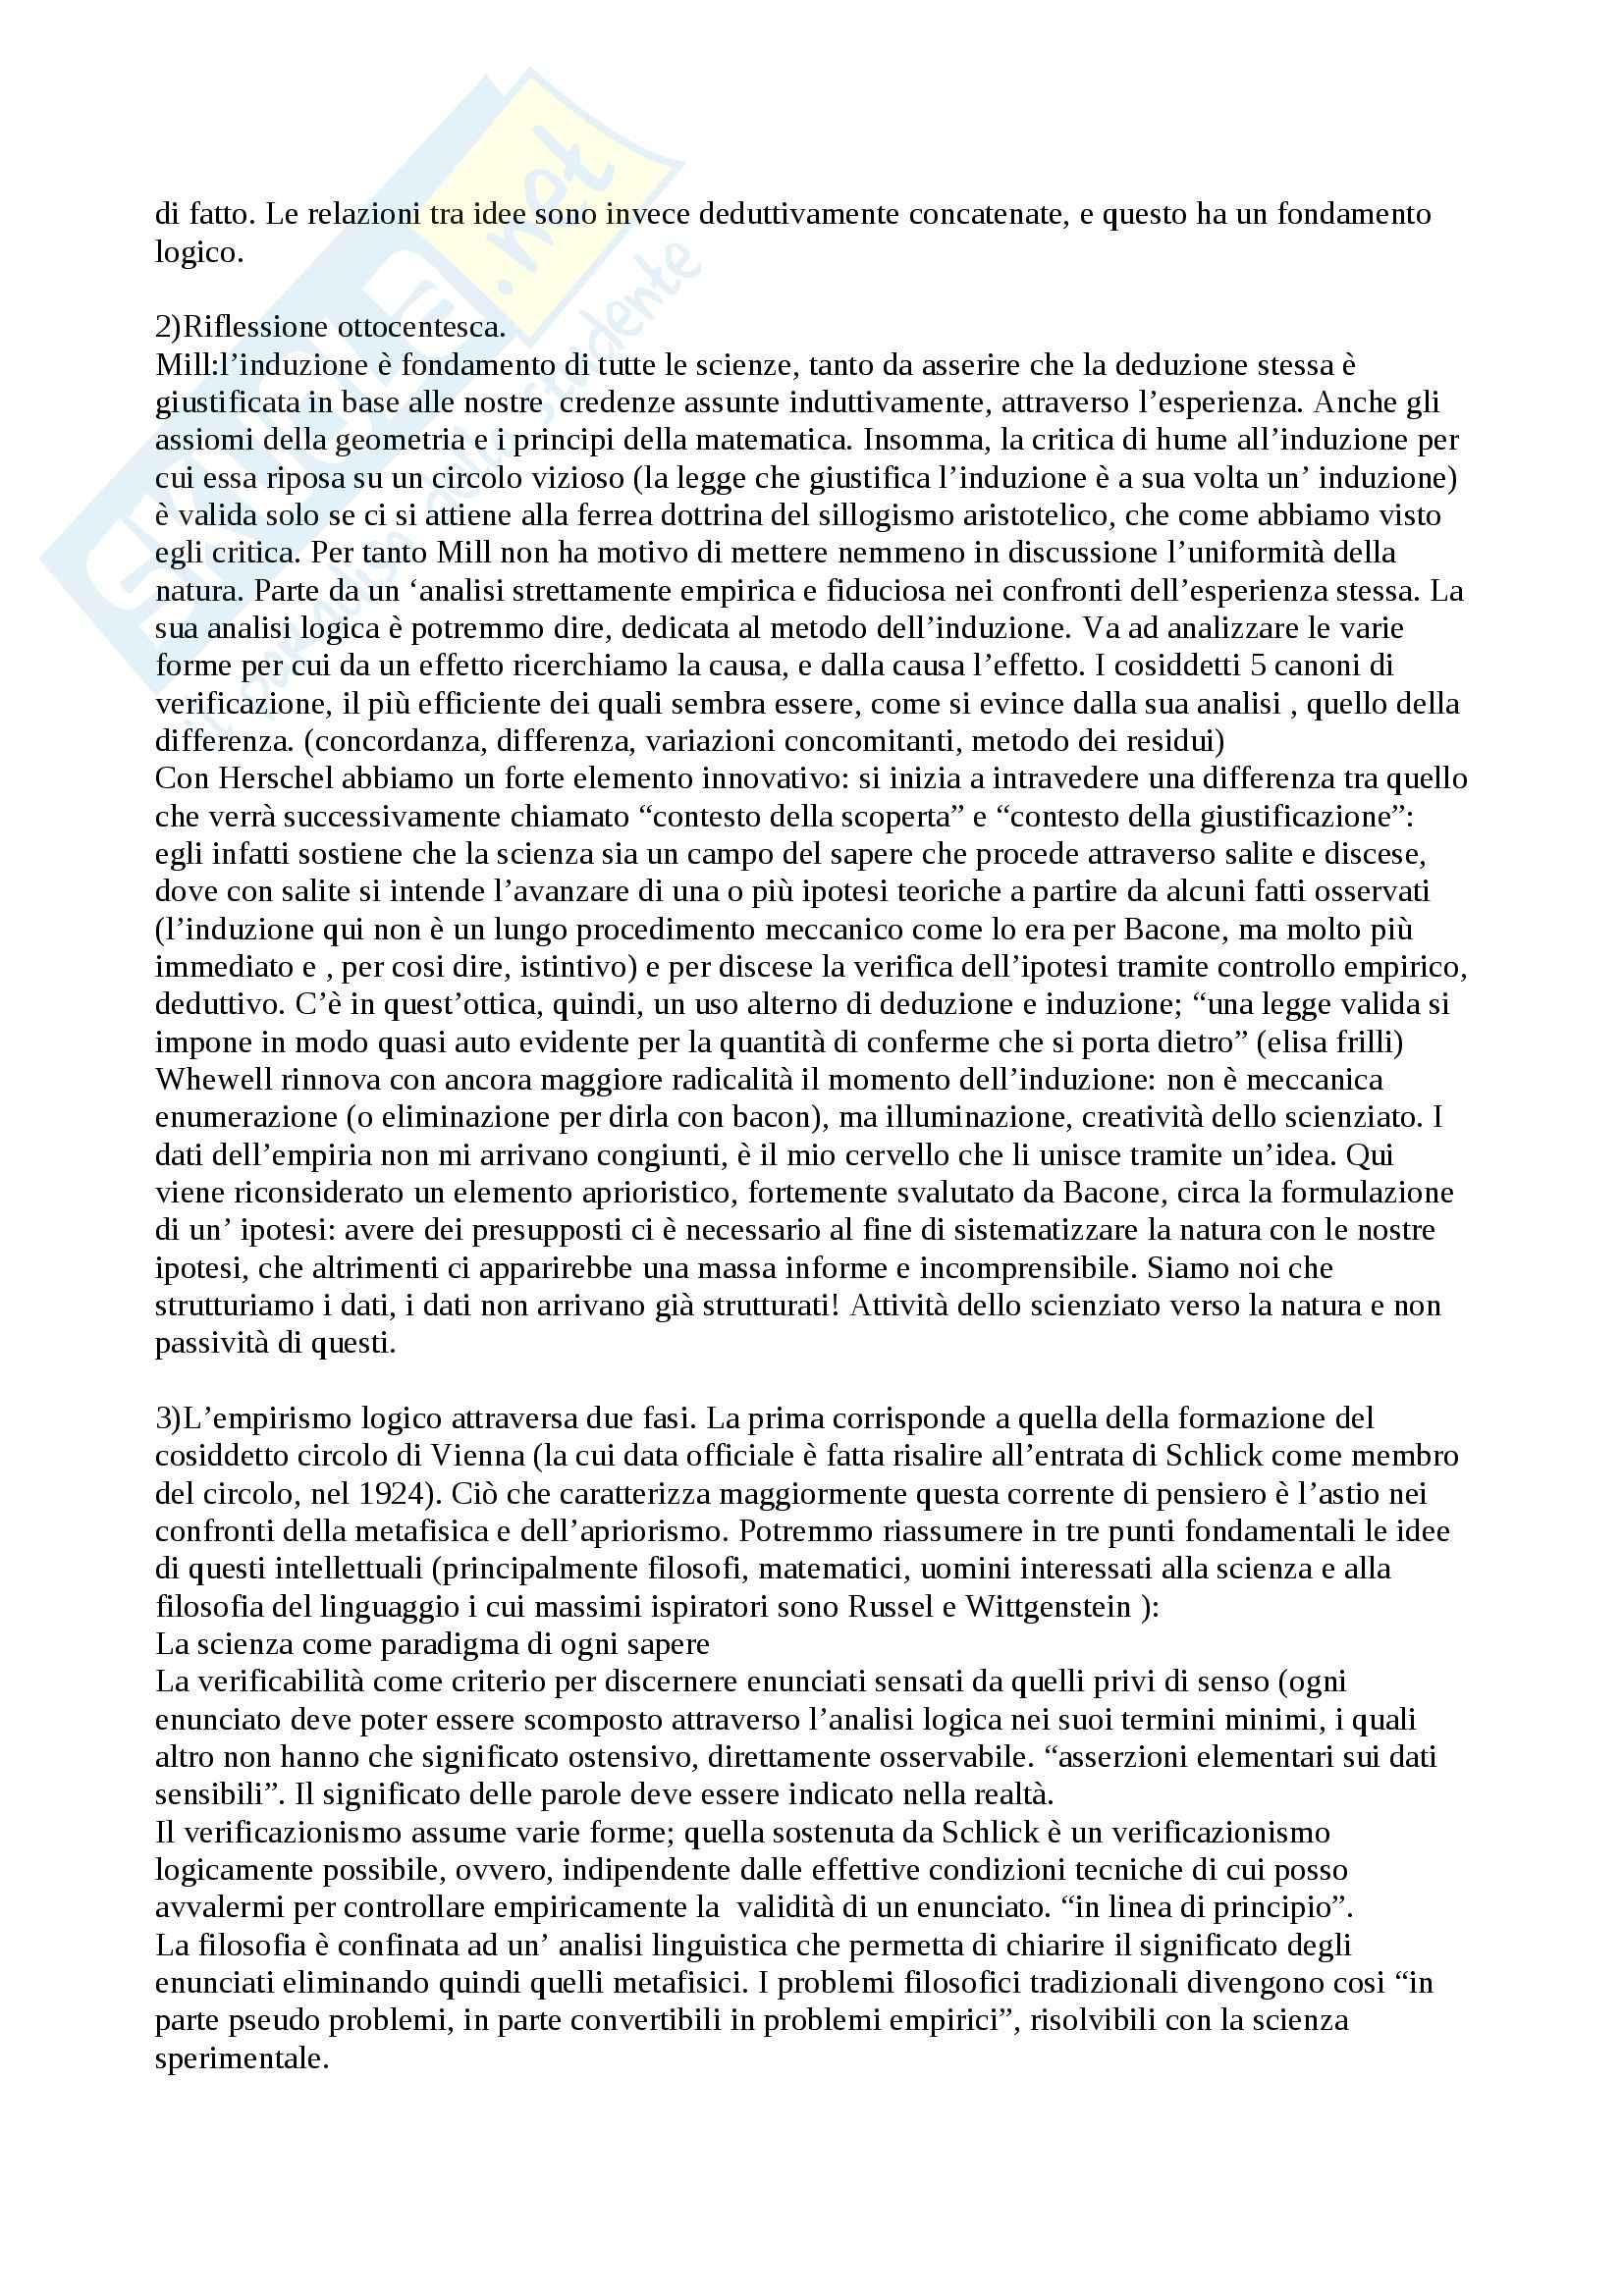 Lezioni, Filosofia della Scienza Pag. 2